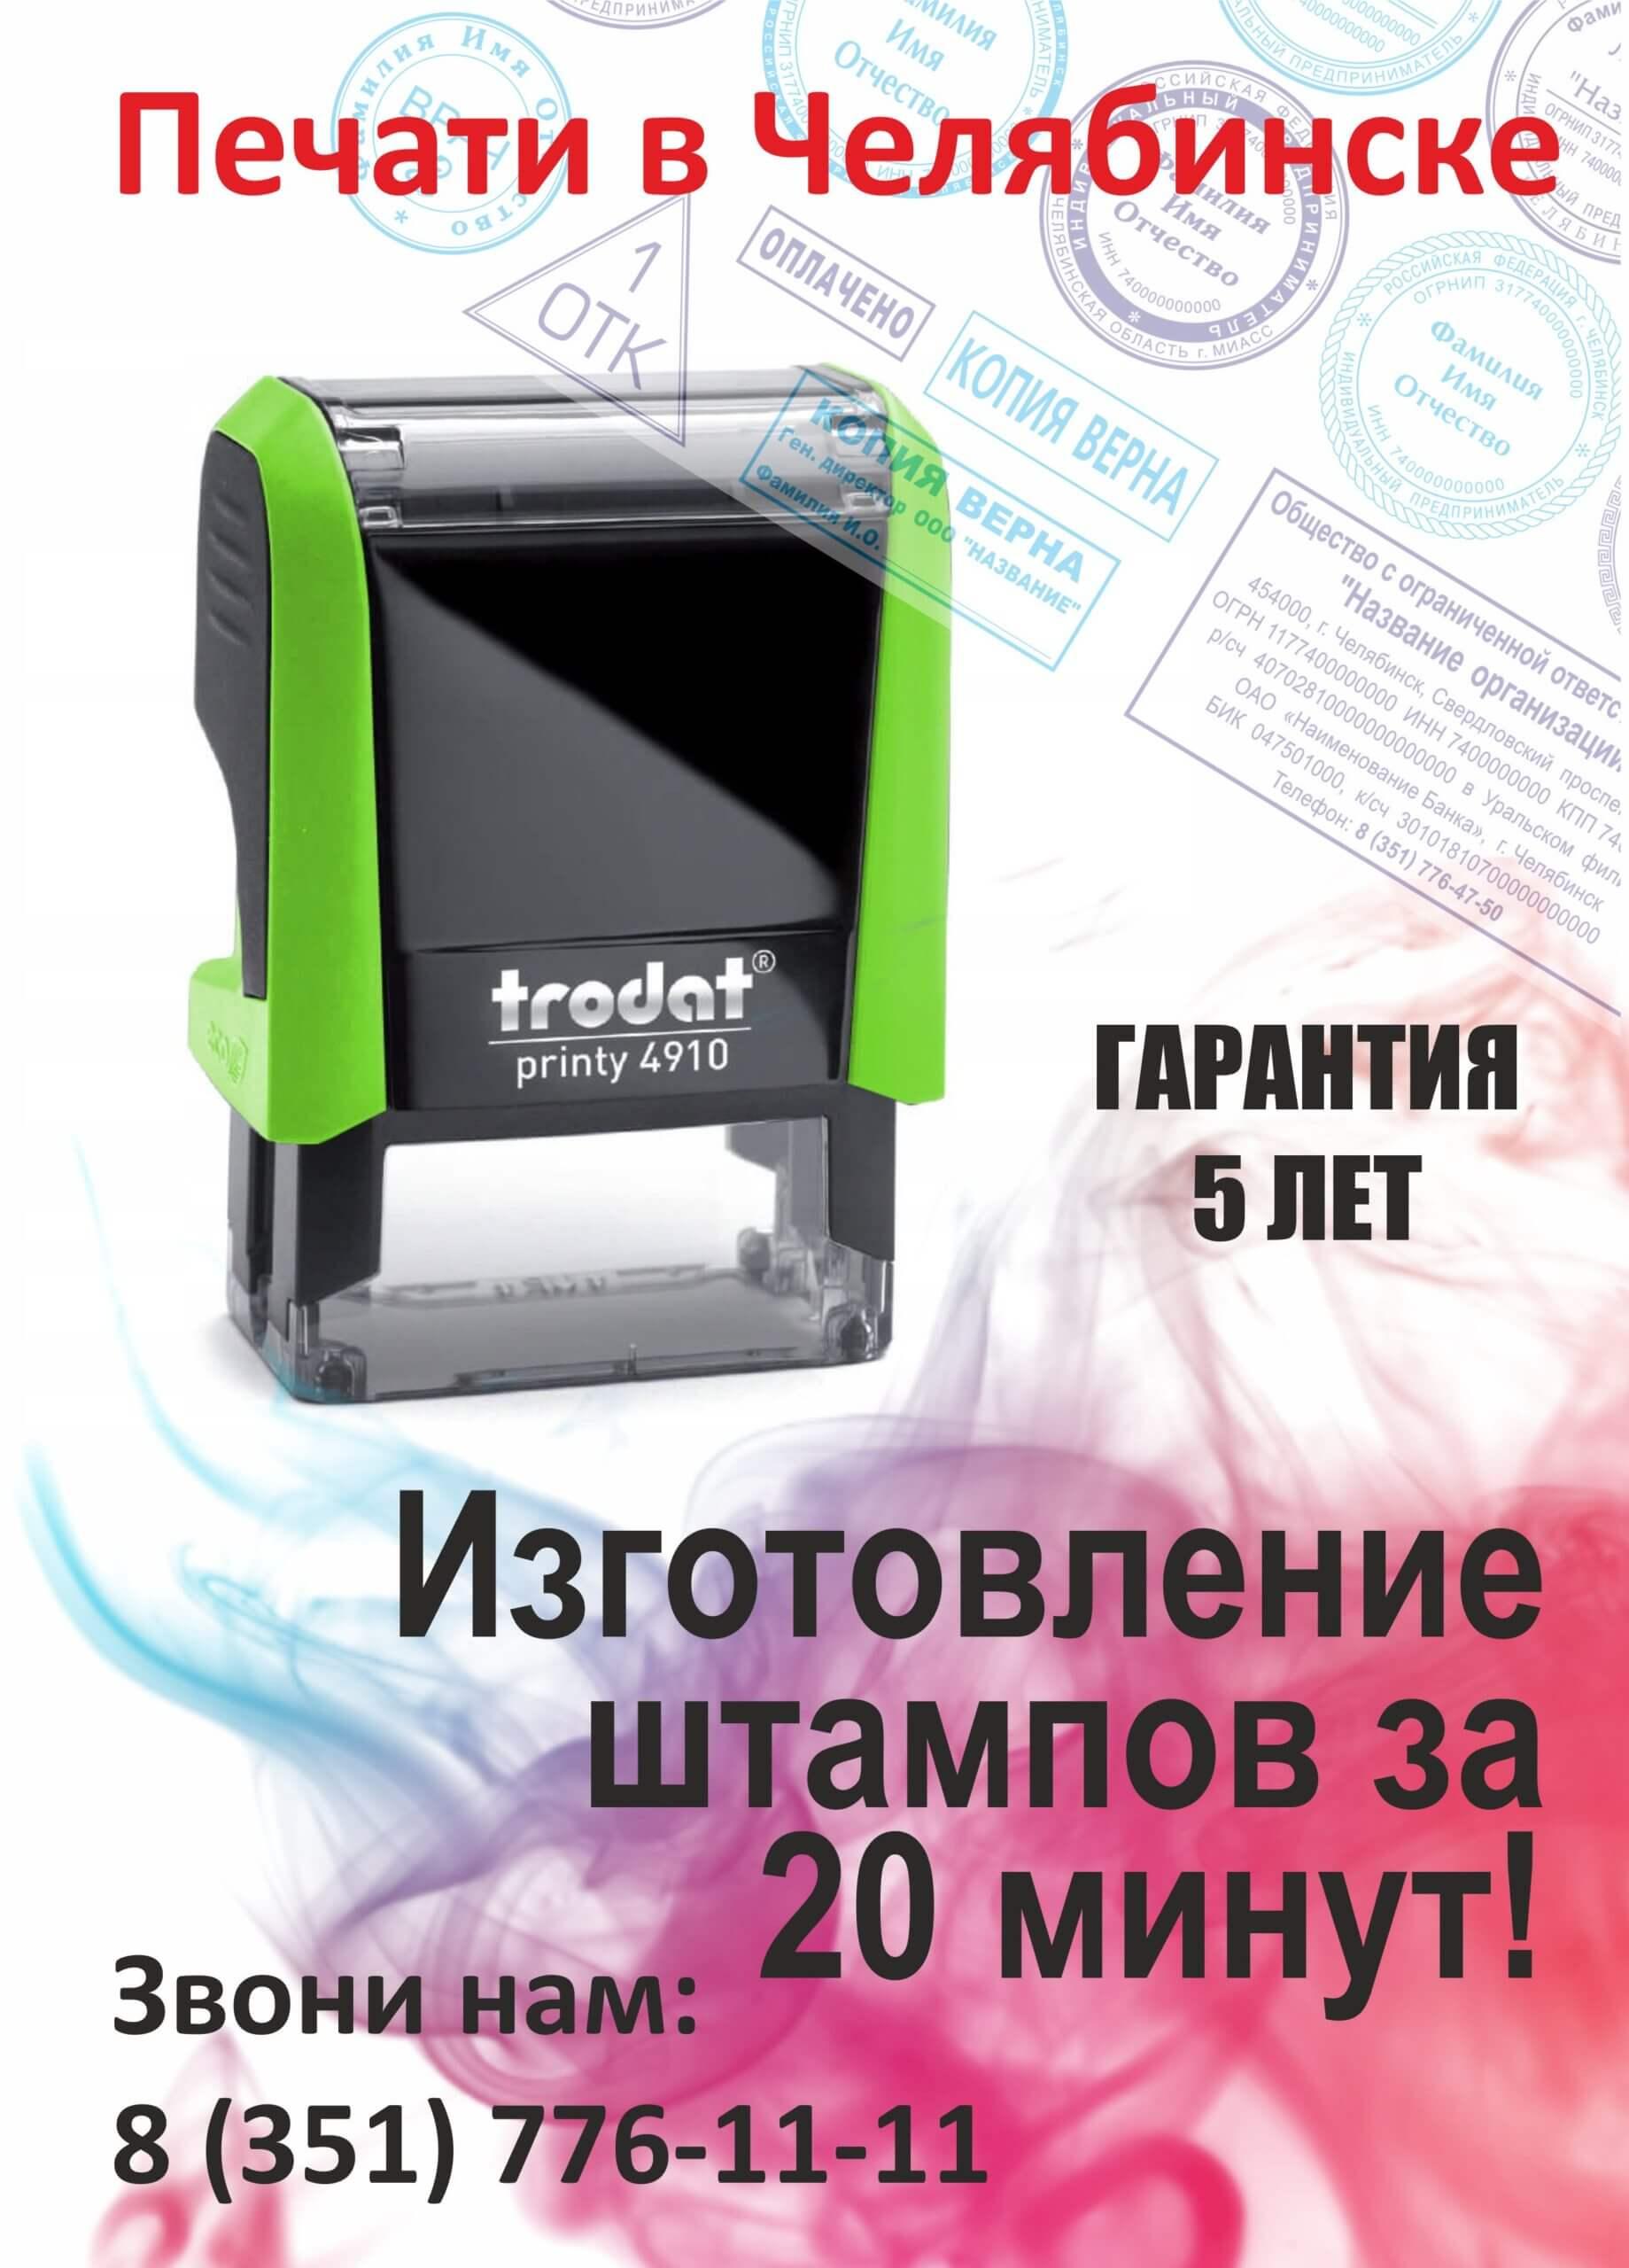 Заказать штамп в Челябинске